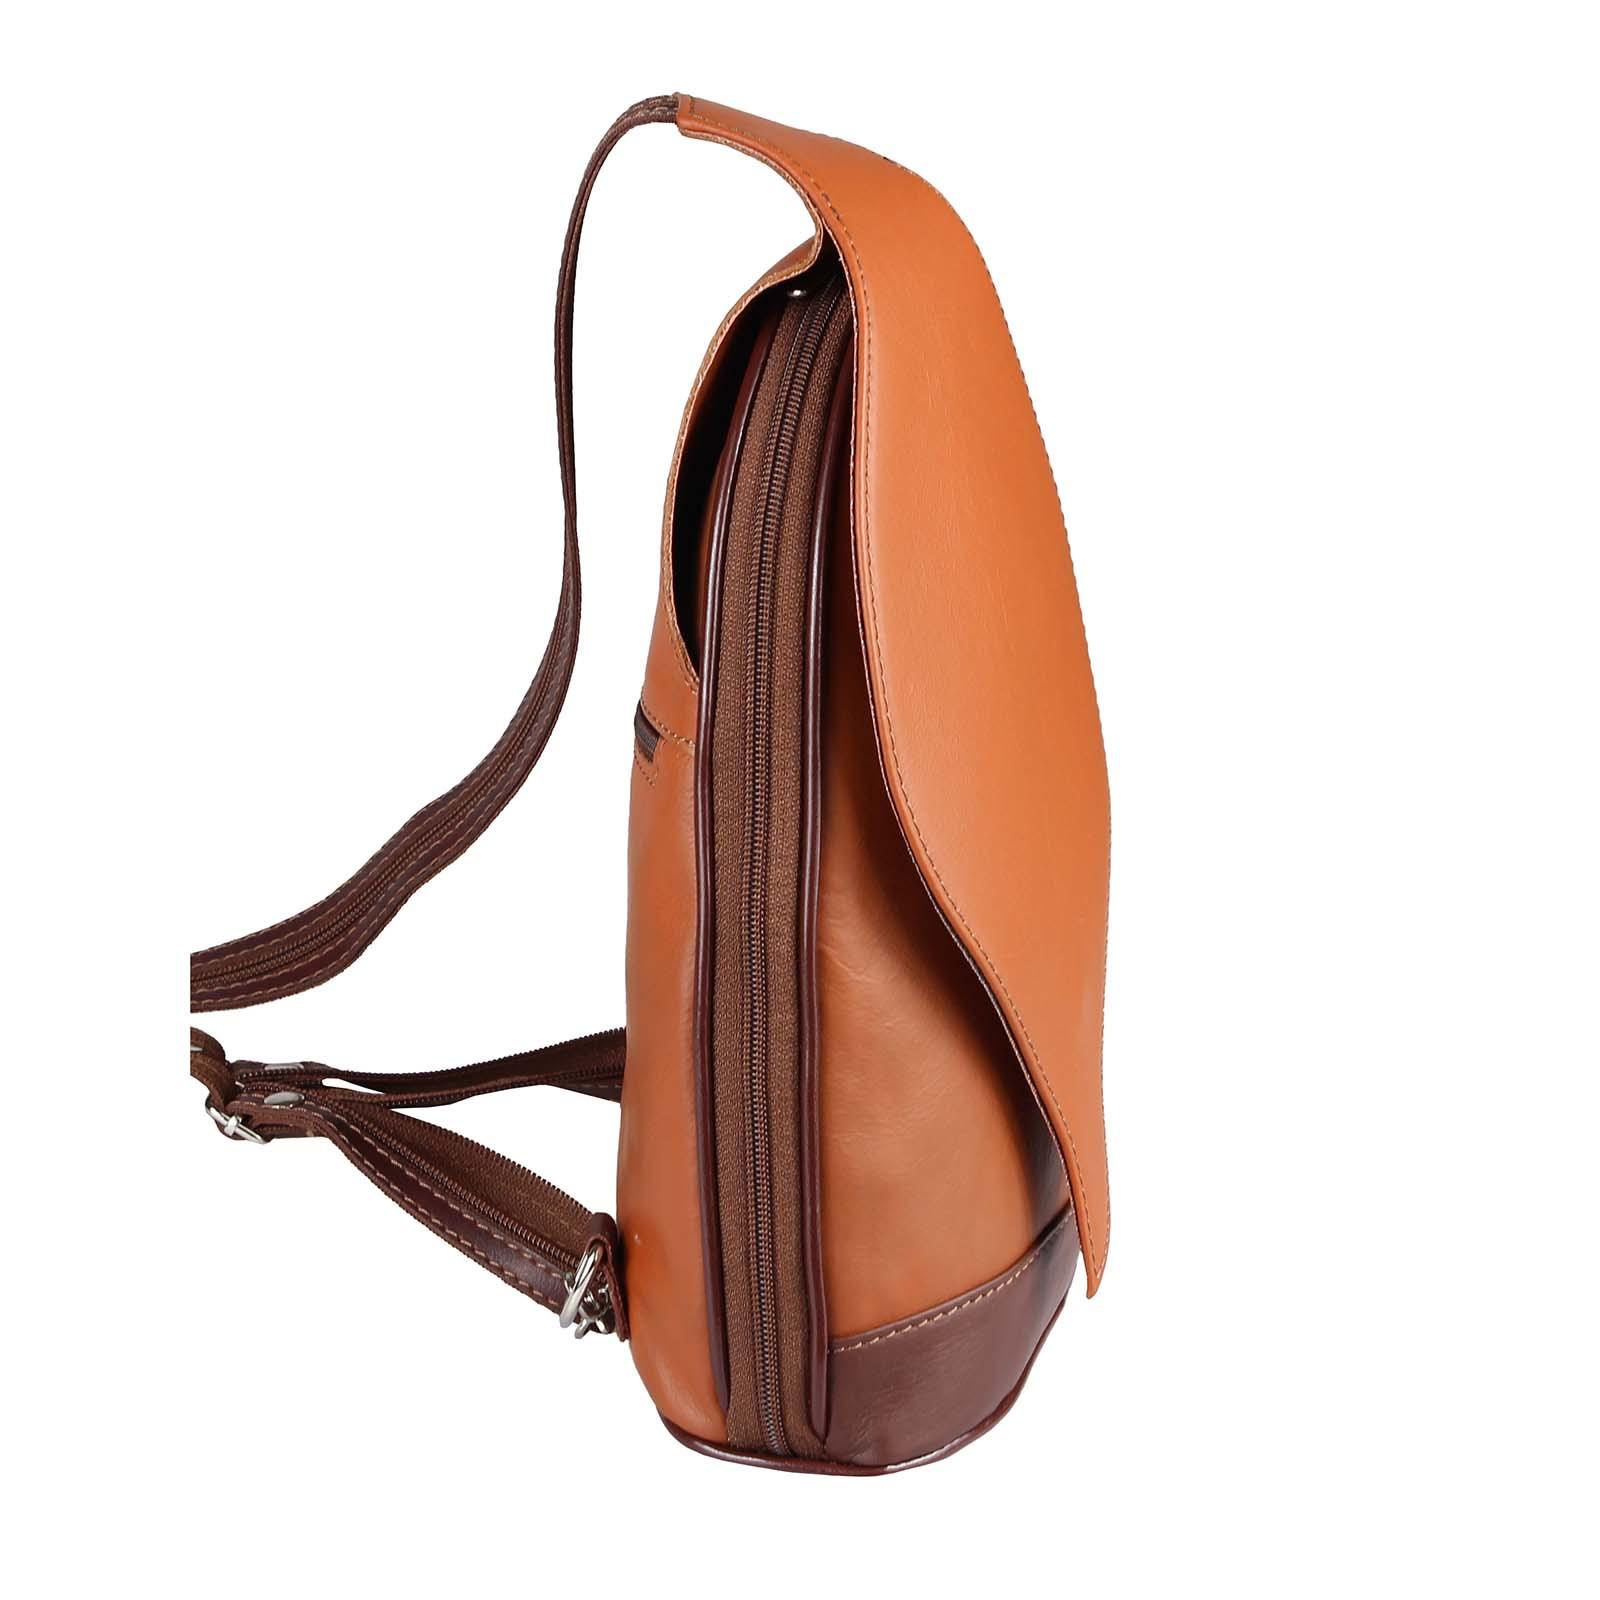 ITALY-DAMEN-LEDER-RUCKSACK-Schulter-Tasche-Reise-BACKPACK-Lederrucksack-it-BAG Indexbild 29